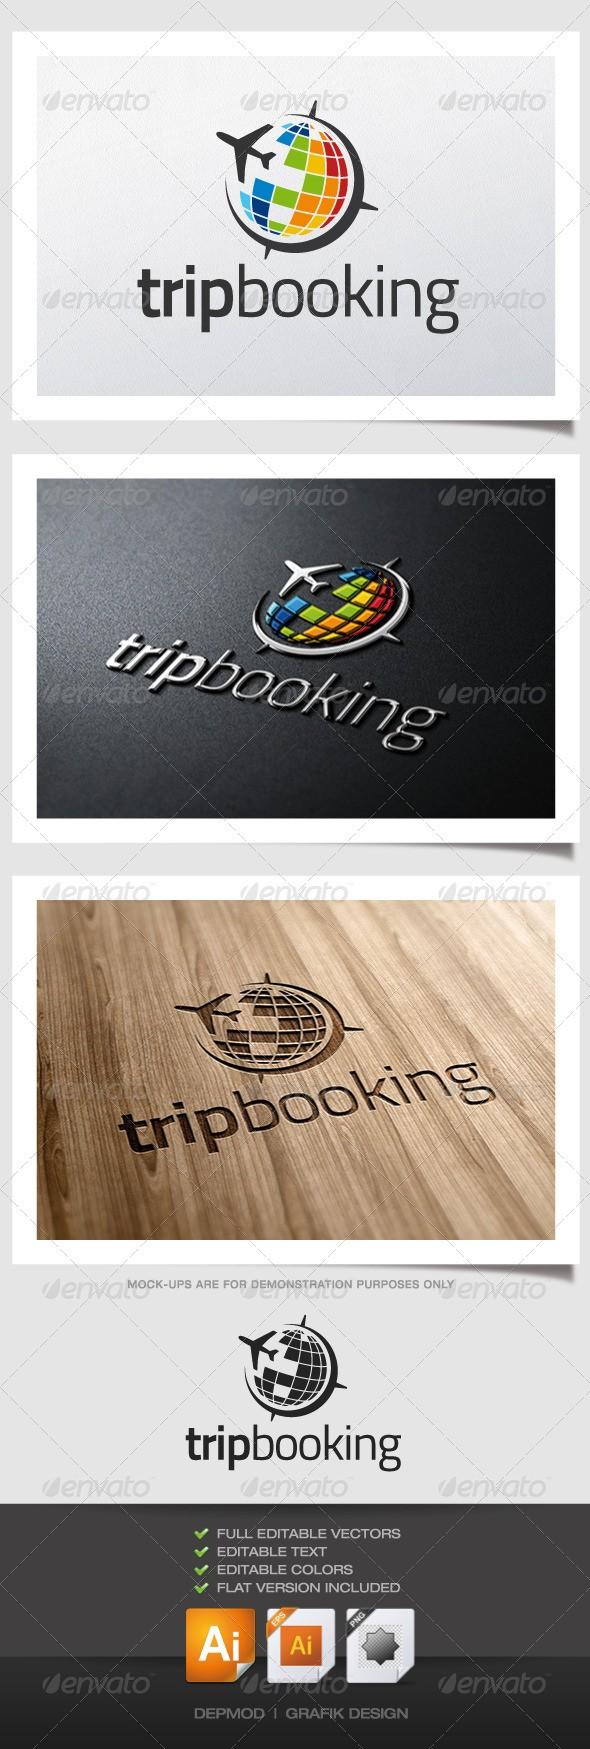 Trip Booking Logo download